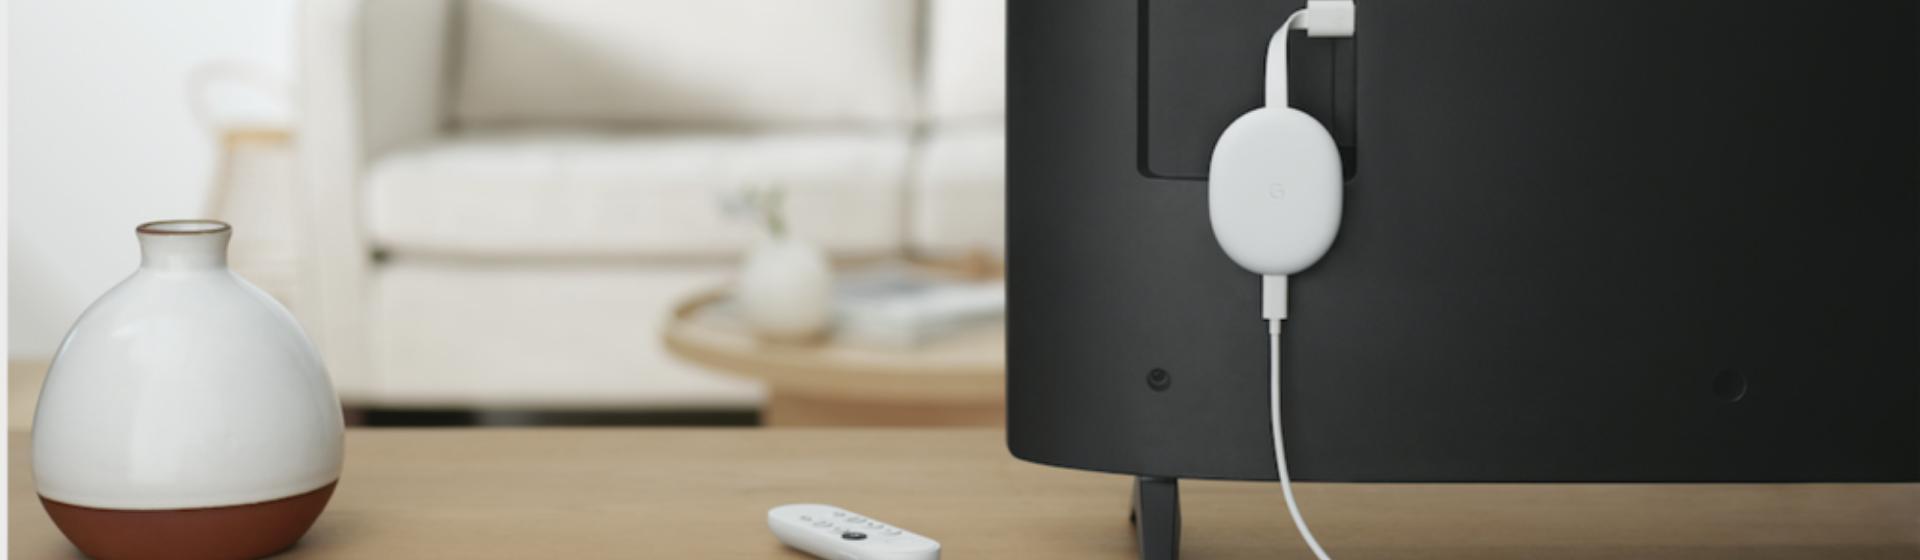 Chromecast com Google TV: o que é? Vale a pena?